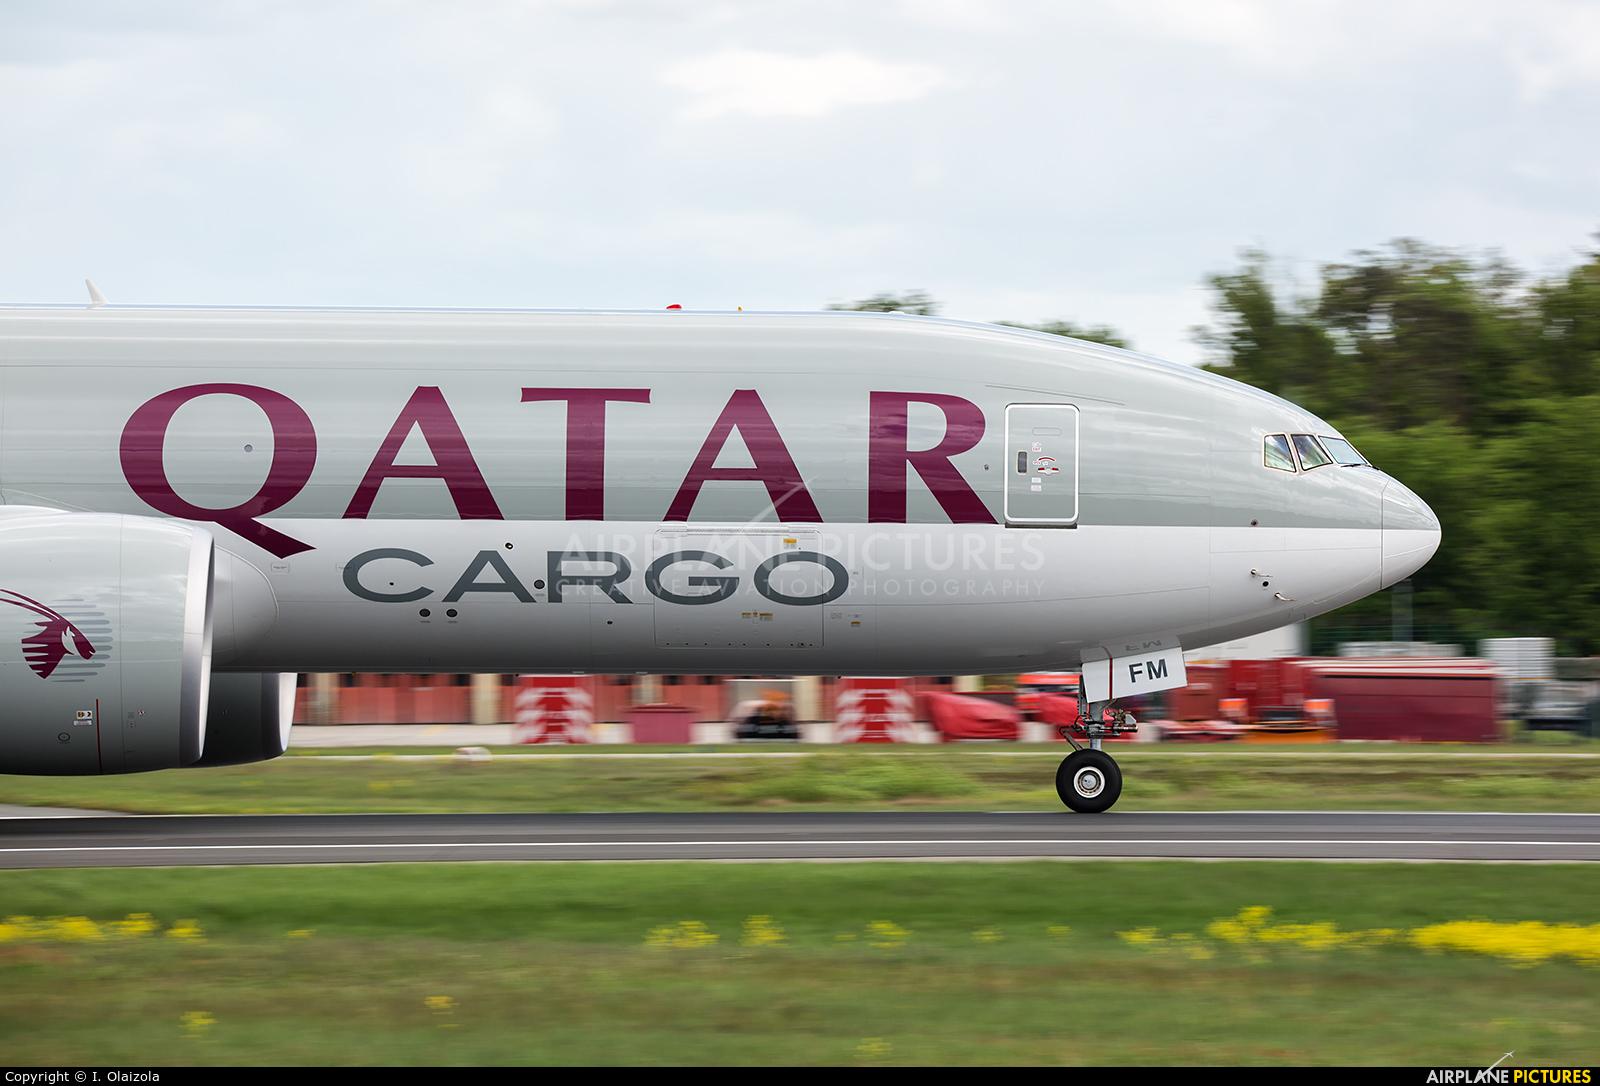 Qatar Airways Cargo A7-BFM aircraft at Frankfurt